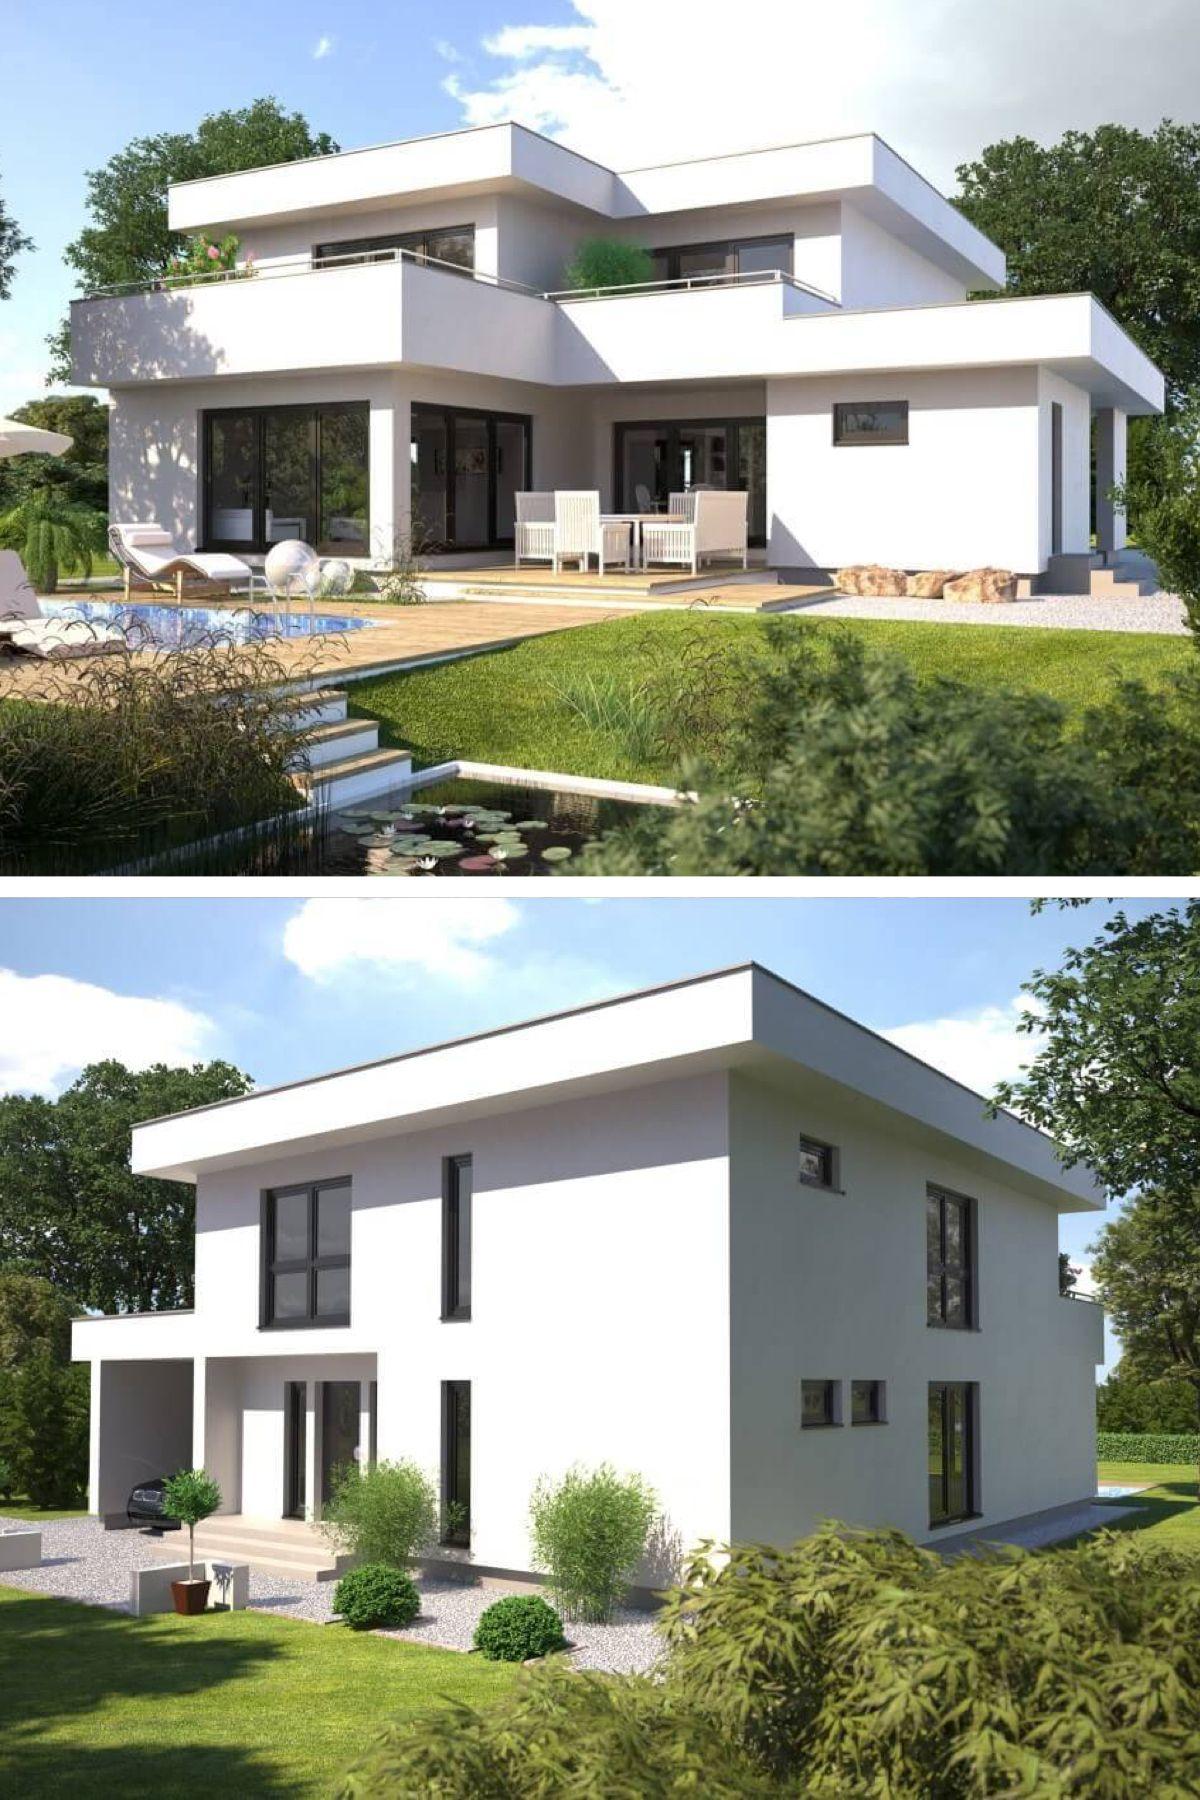 Superb Stadtvilla Modern Bauhaus Stil Mit Flachdach Architektur   Design  Einfamilienhaus Hanlo Hommage 246 Von